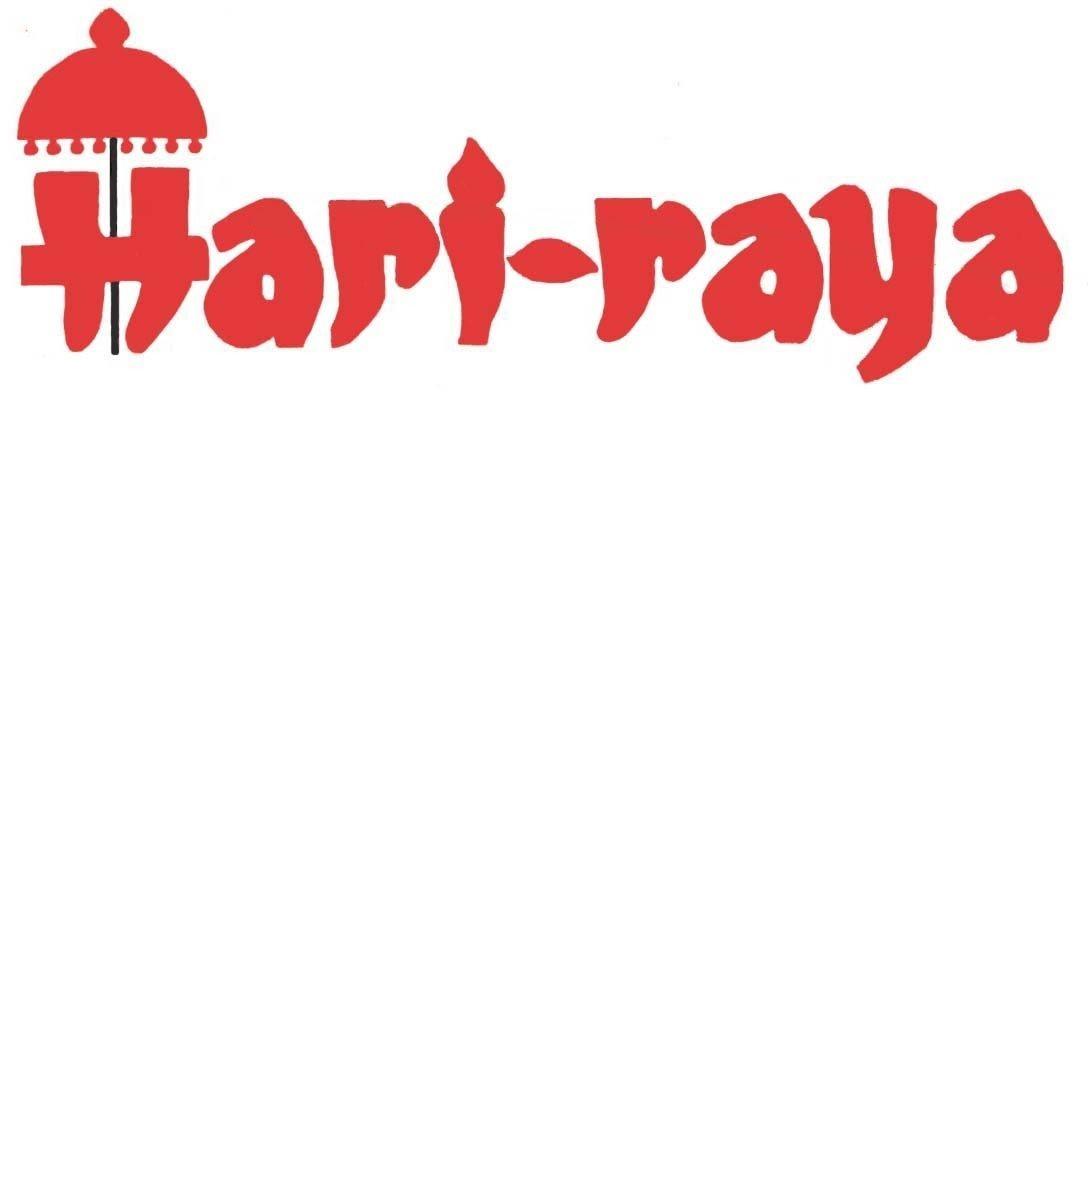 Hari Raya Coffee Shops Inc